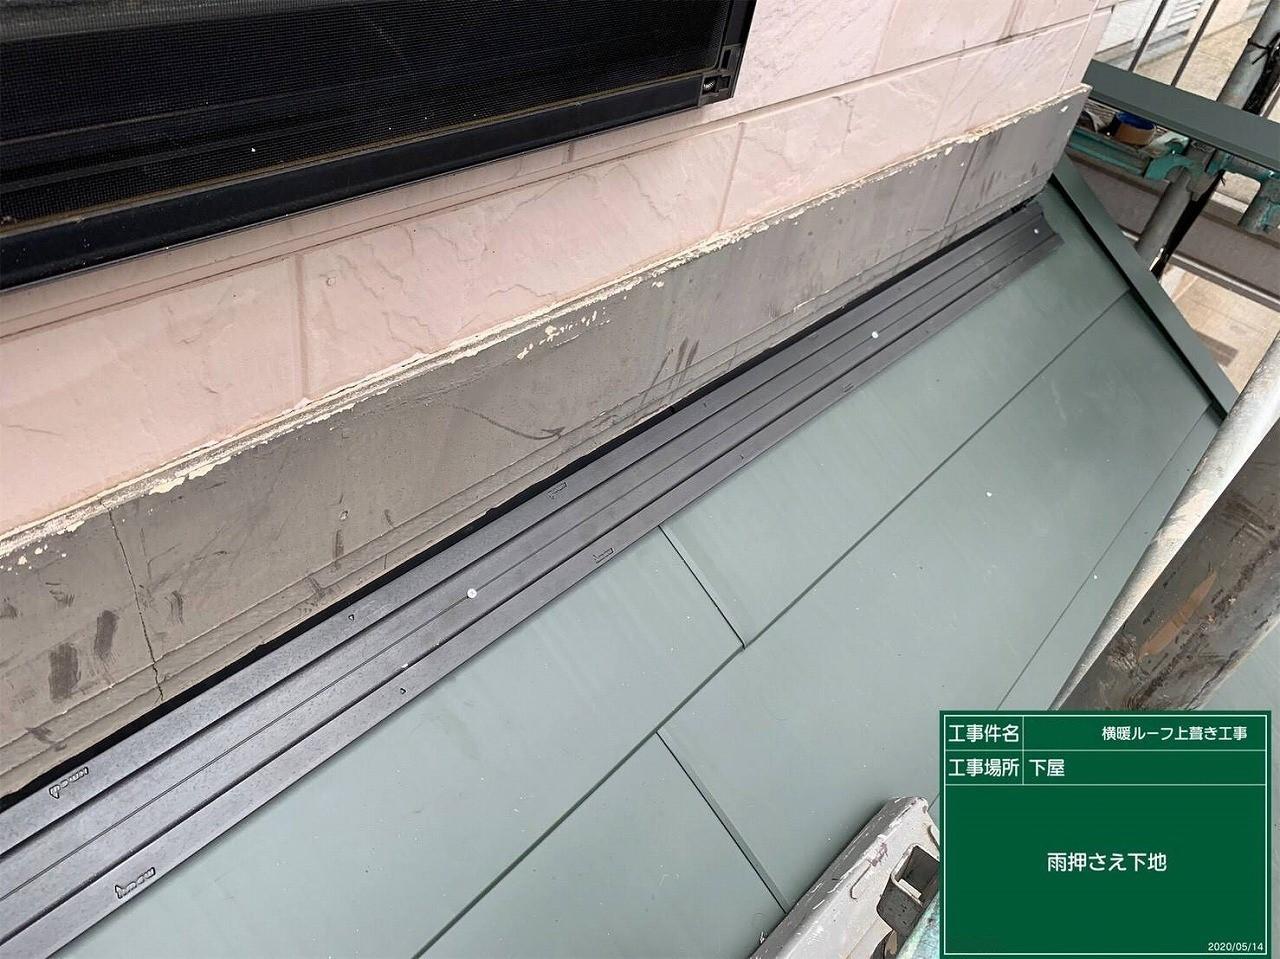 屋根工事施工写真 (33)HP